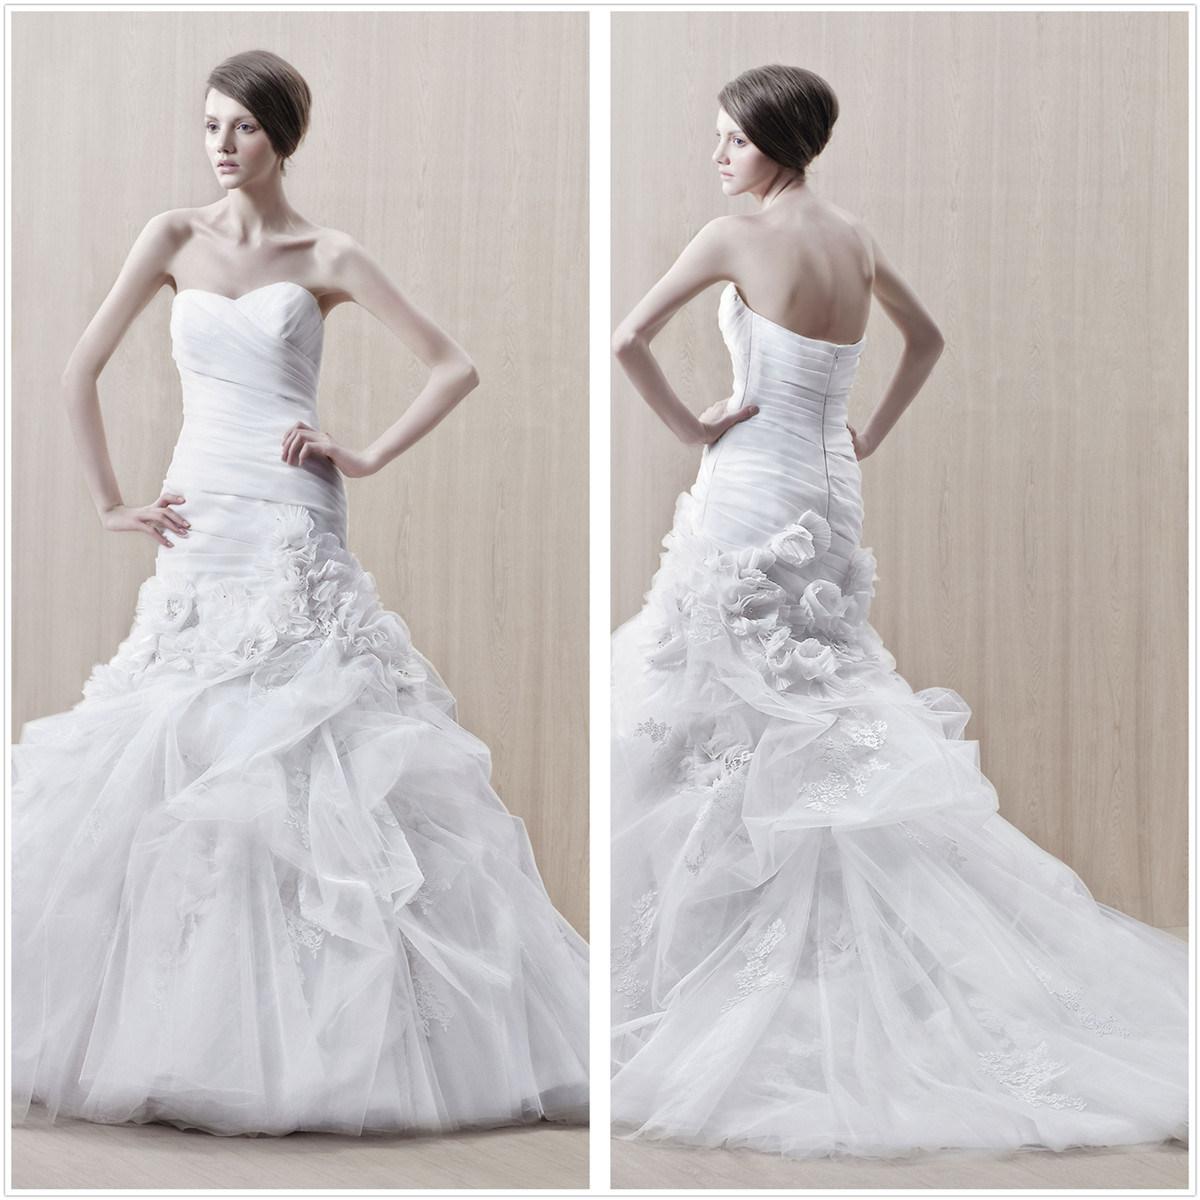 Mermaid Ruffle Skirt Wedding Dress XZ074